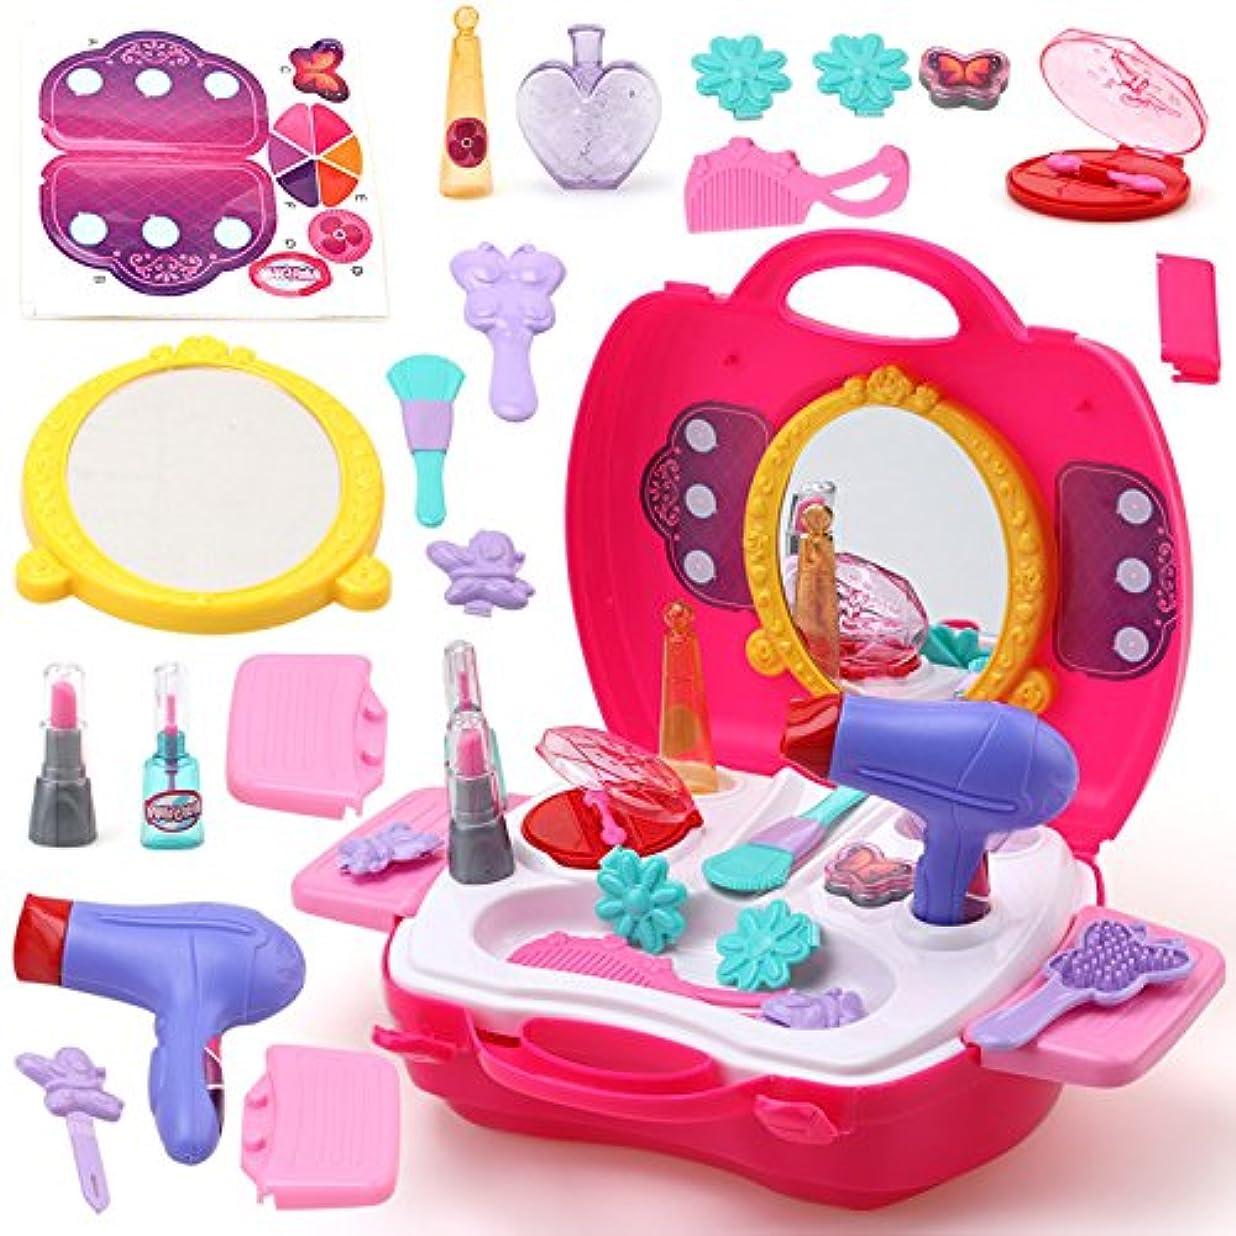 後ろに薬用食べるLiebeye ポータブル プラスチック化粧品のケース おもちゃ 教育おもちゃ ギフト 赤ちゃん 女の子